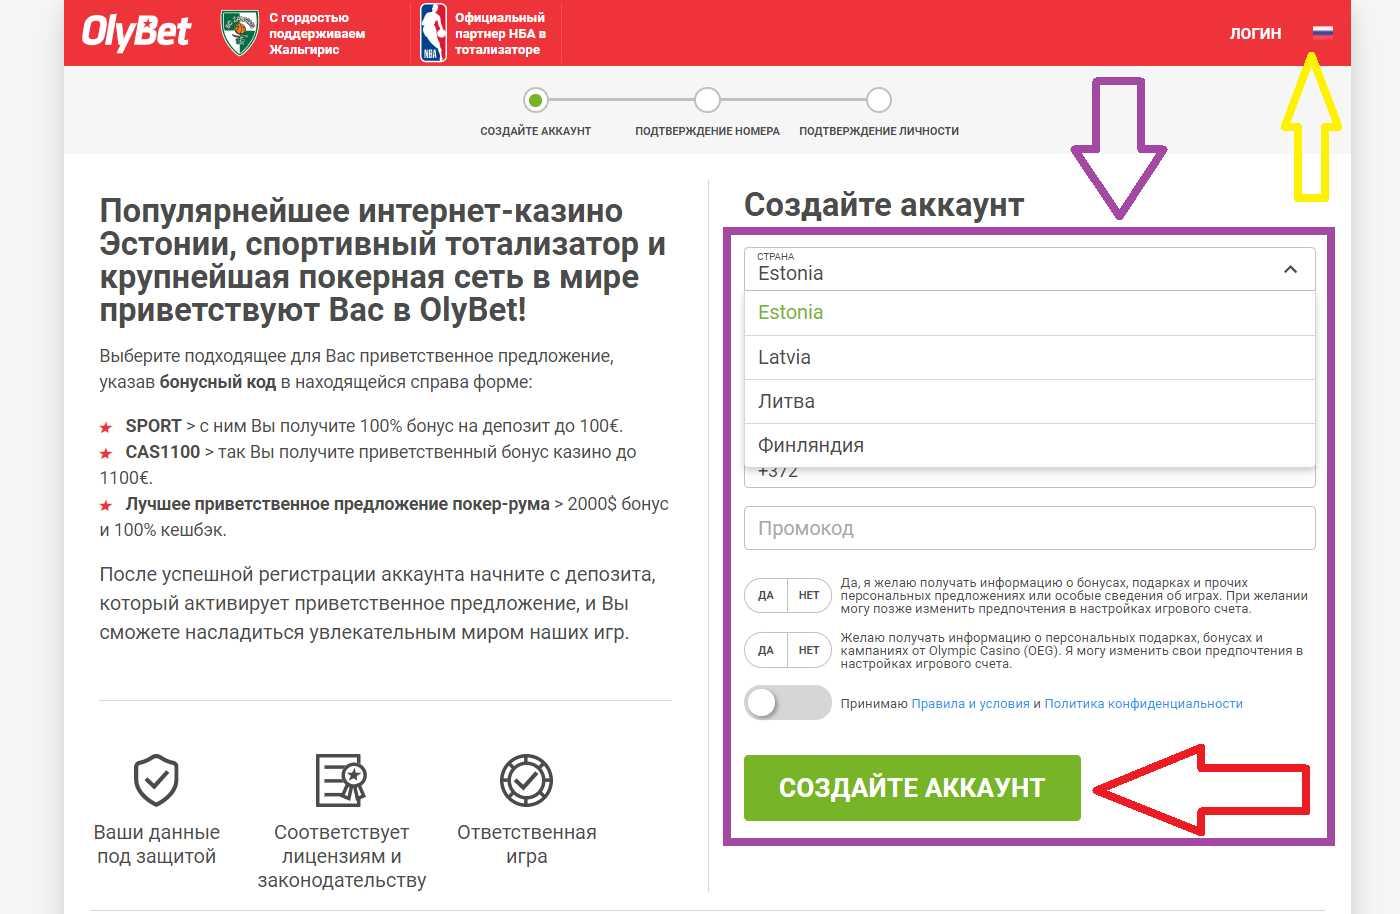 Регистрация в компании Олибет ставки